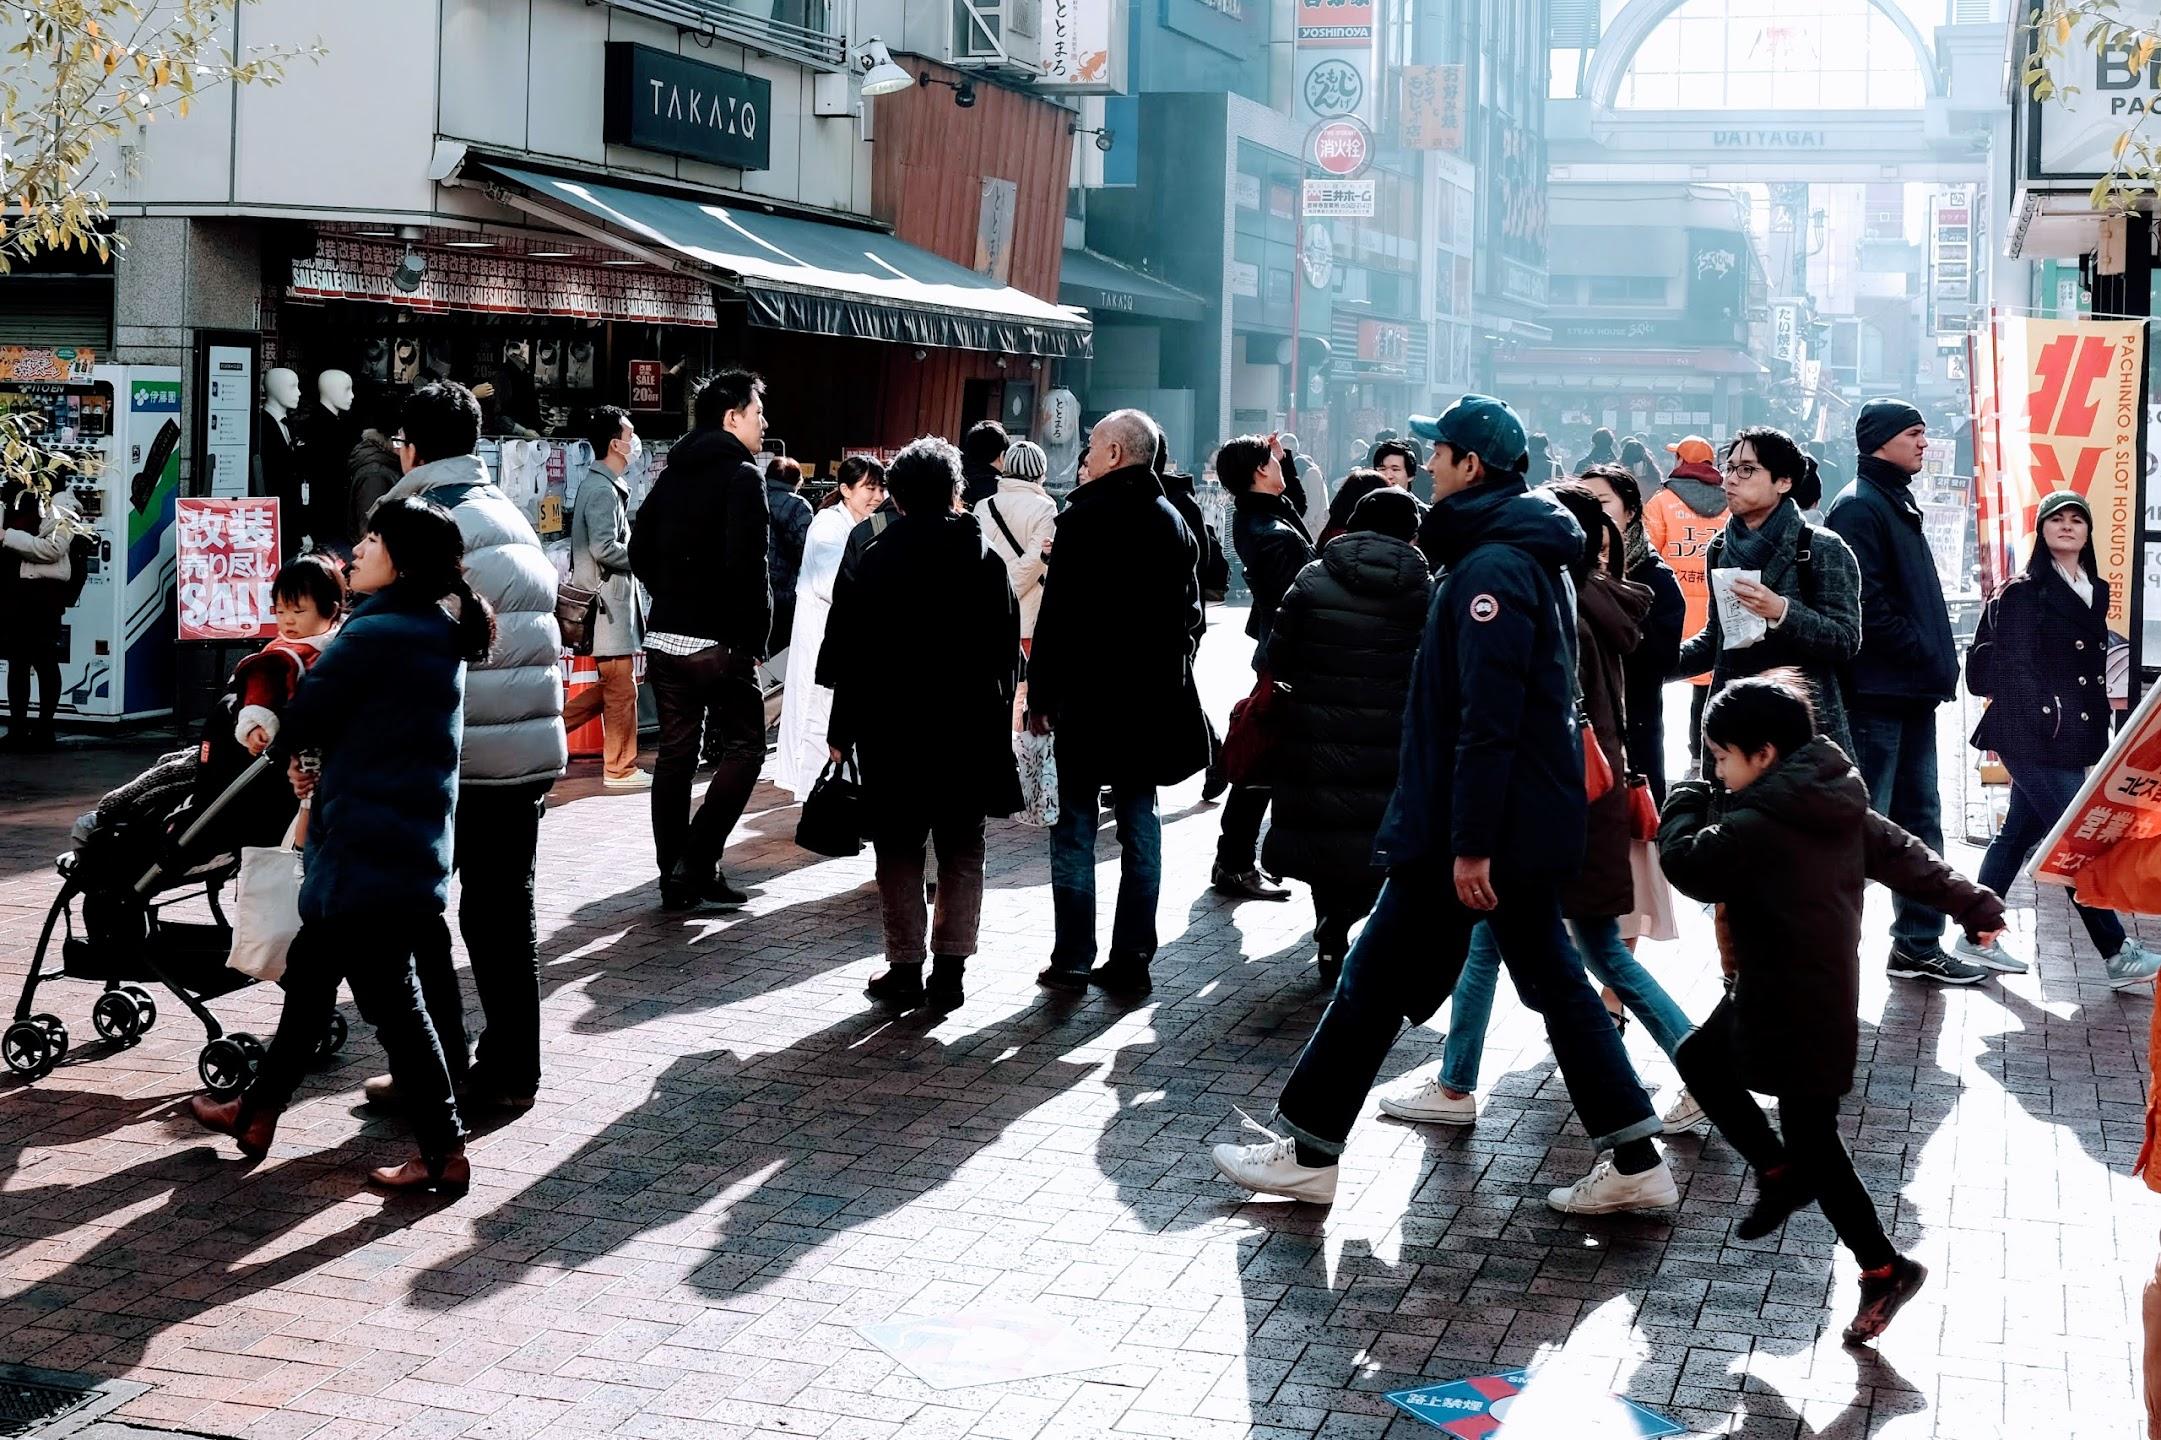 スナップ:年末の商店街を歩く人々